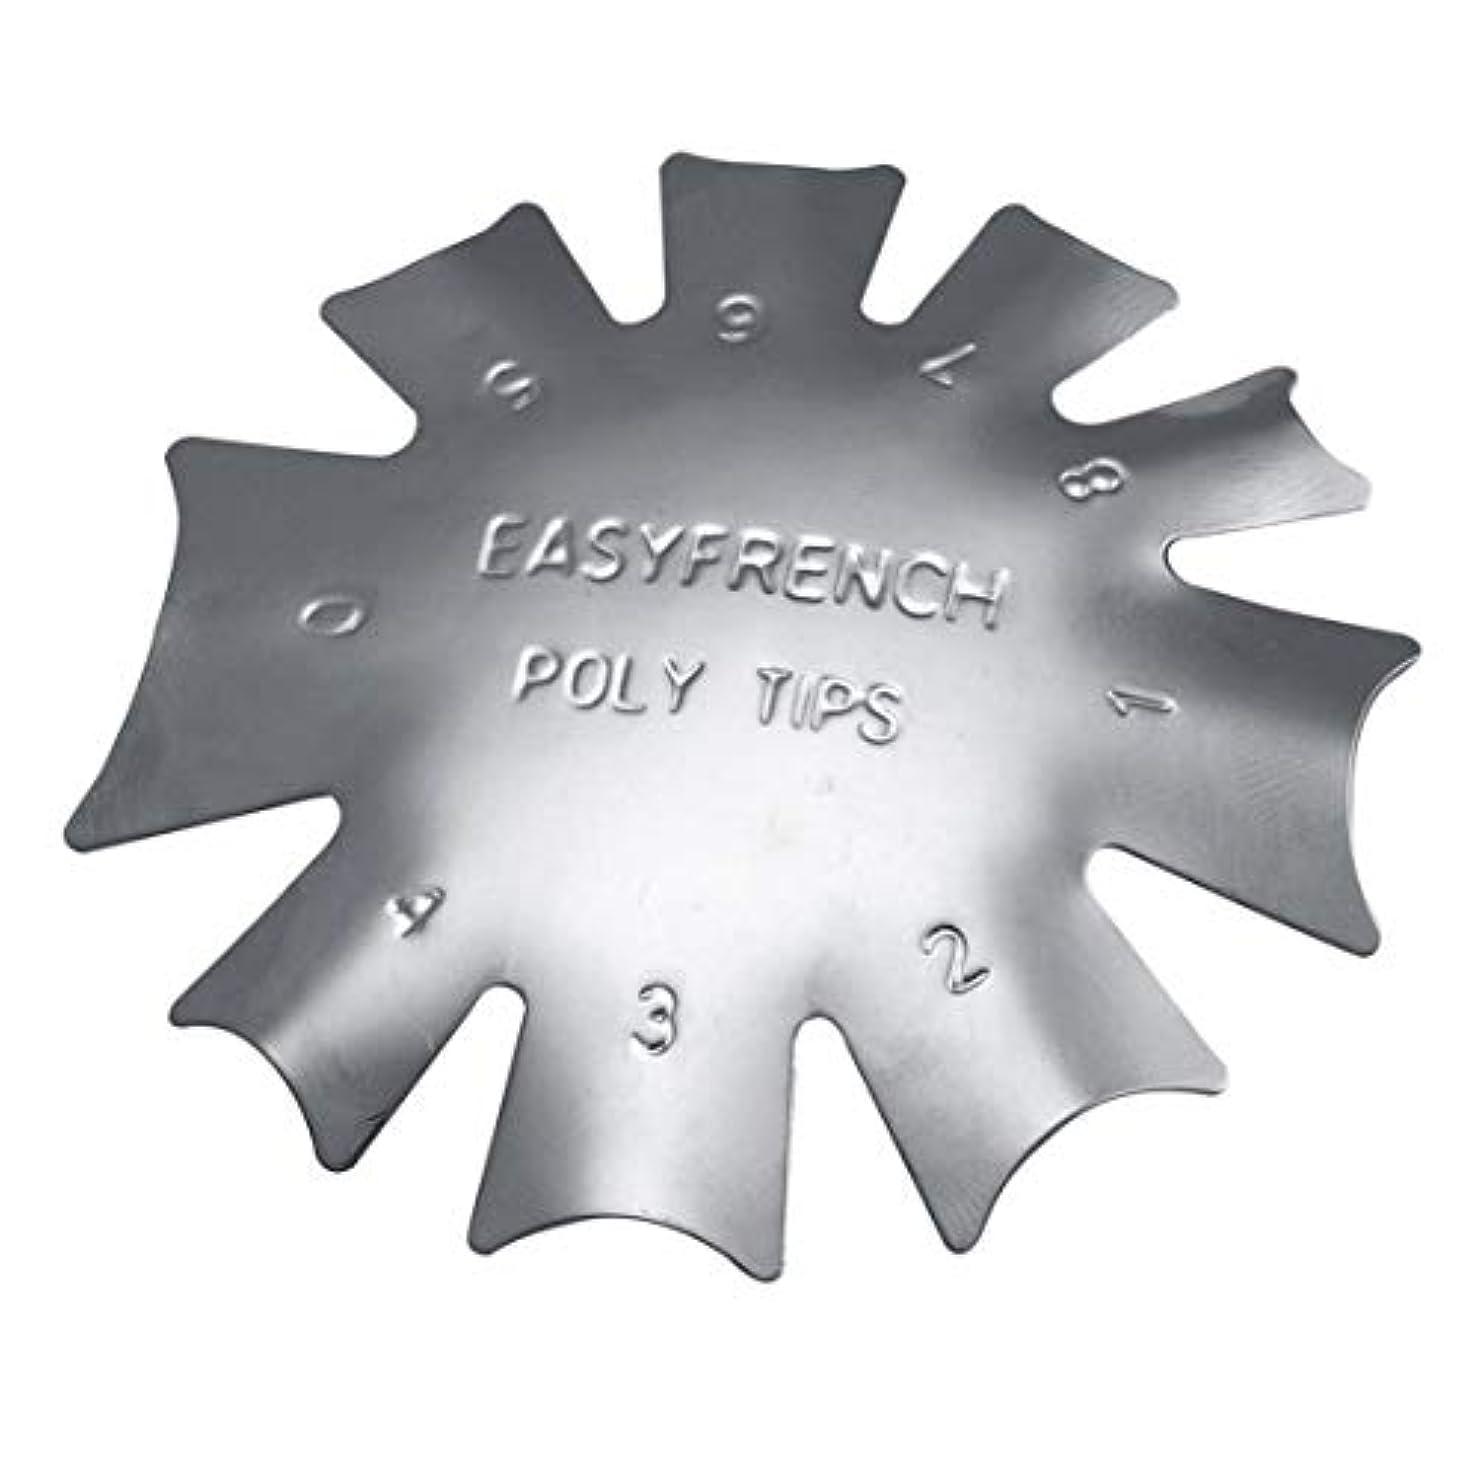 後方に補充改善3ピース/セット丈夫な金属ステンレス鋼フレンチマニキュアモデリング整形プレートクリスタルネイル作りスタンピングプレート